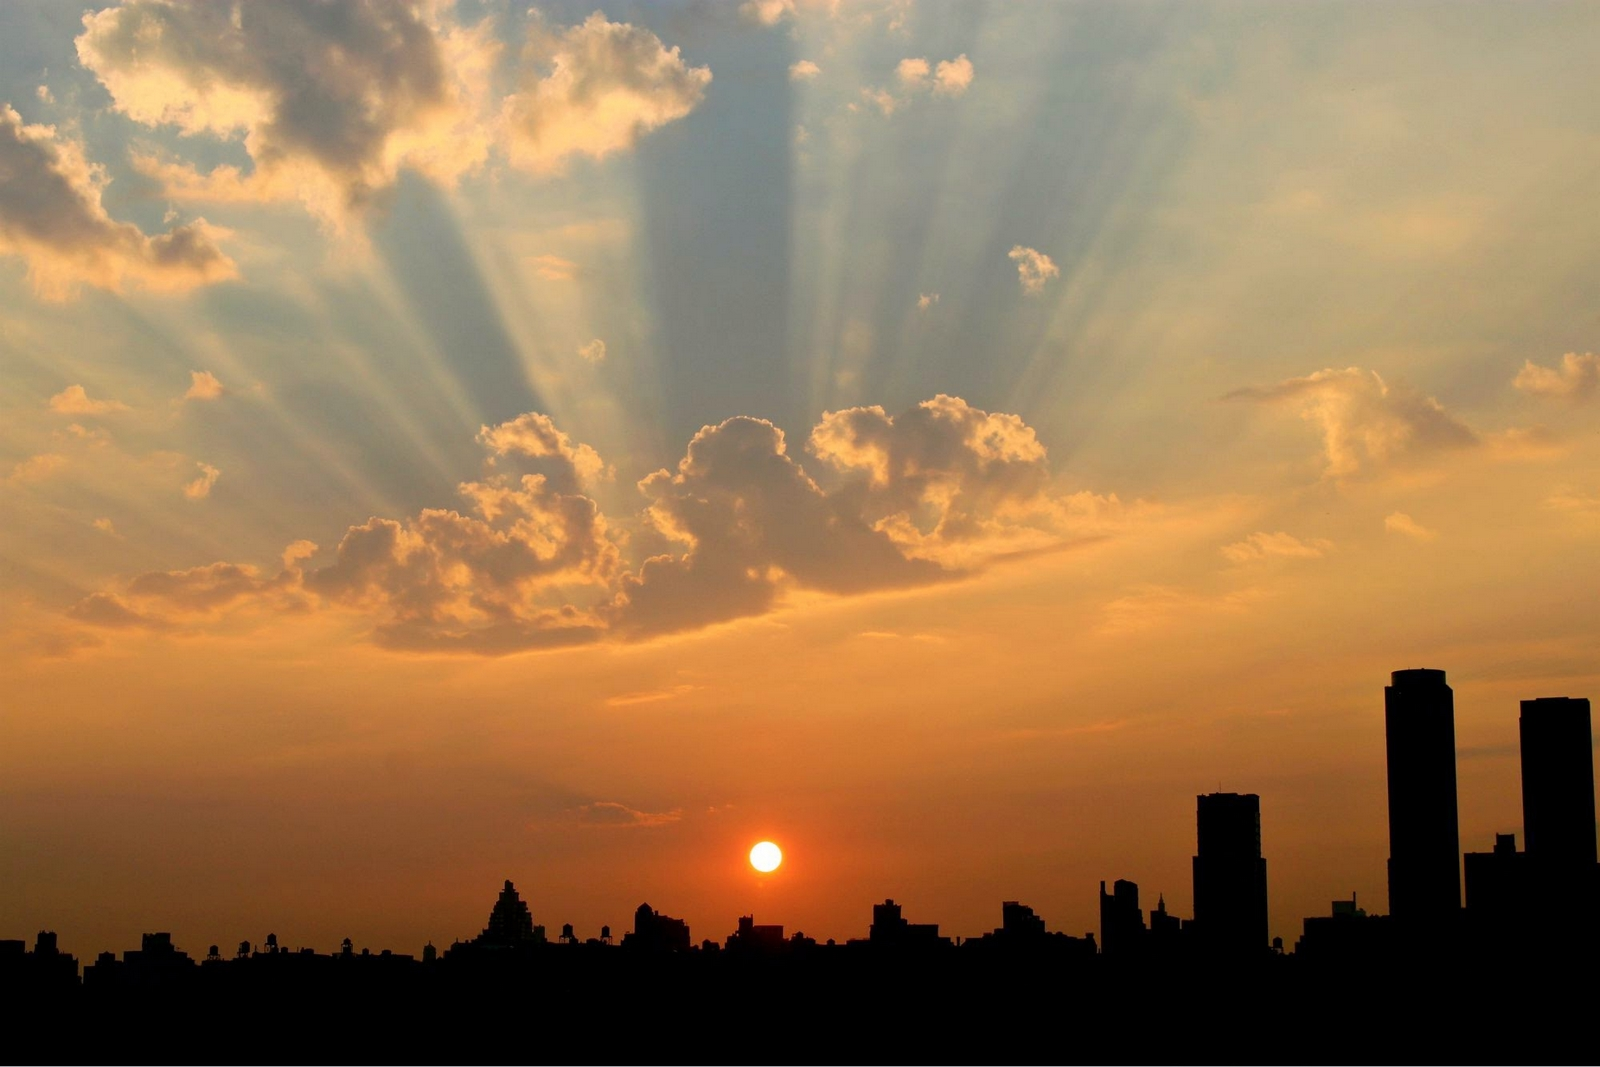 Cómo Descubrir los Formidables 'Guiños de Dios' para Guiarnos y Alentarnos